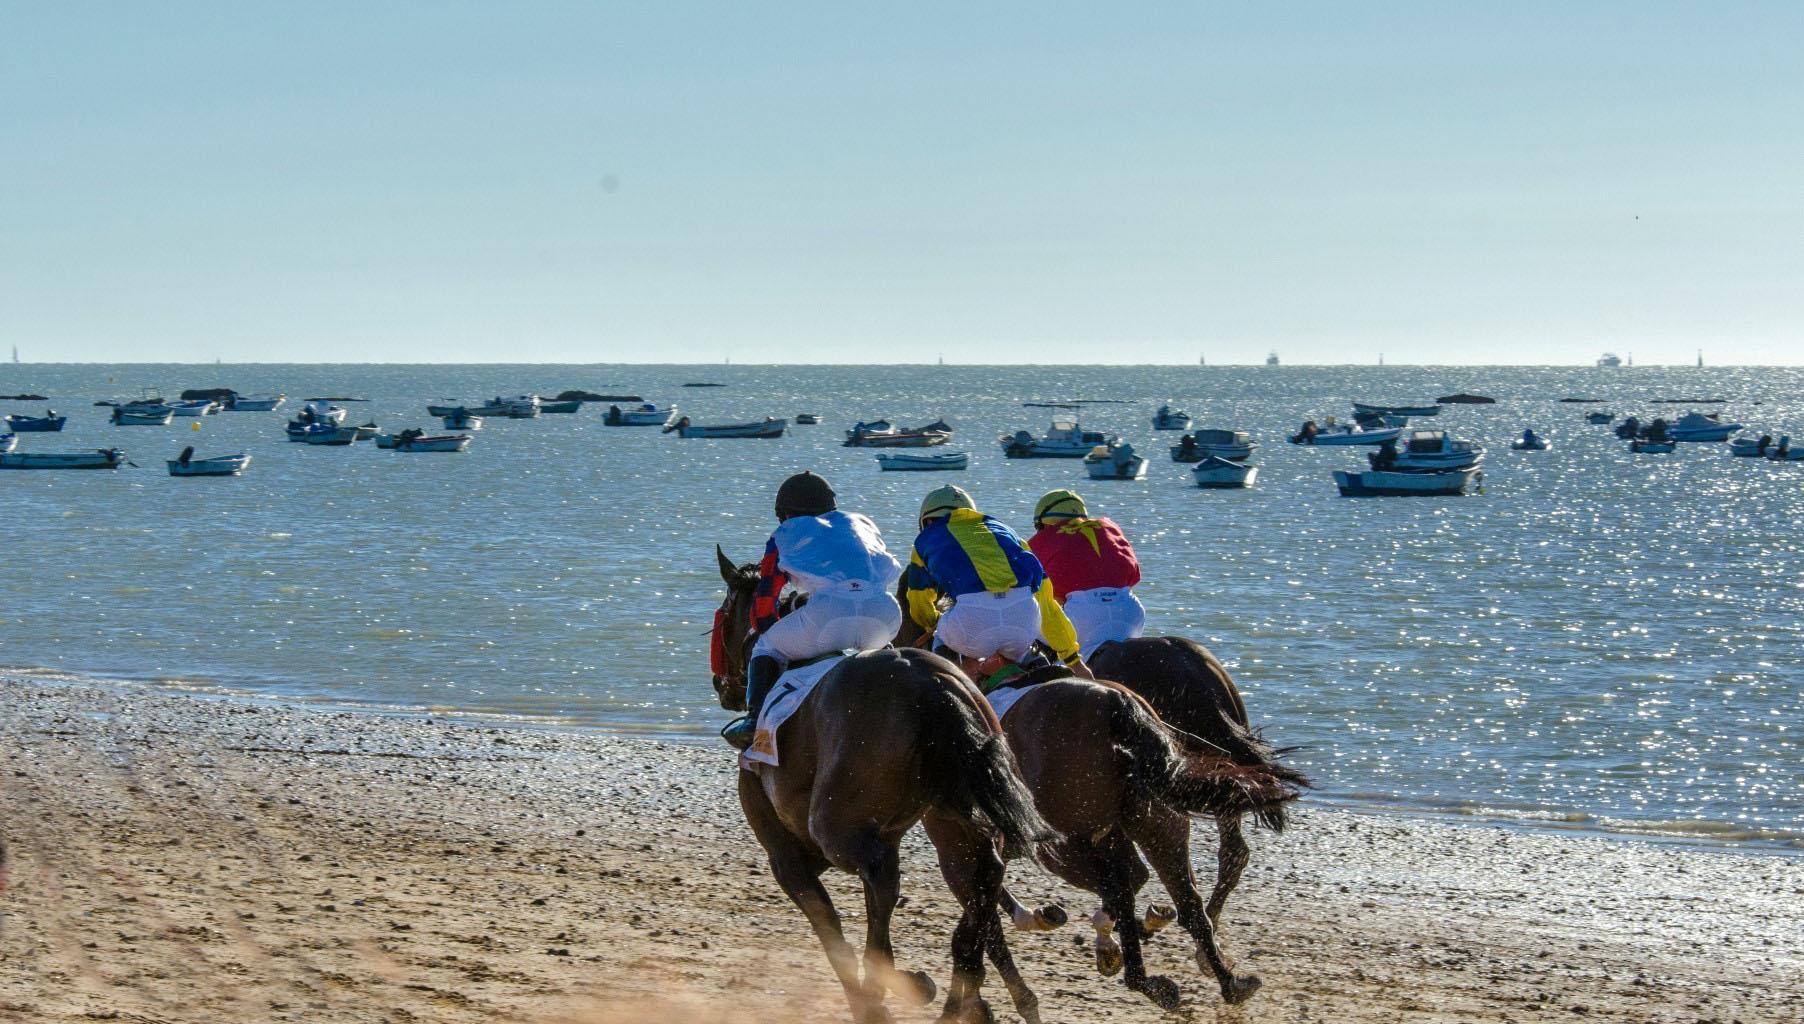 Beach horse racing Sanlucar de Barrameda